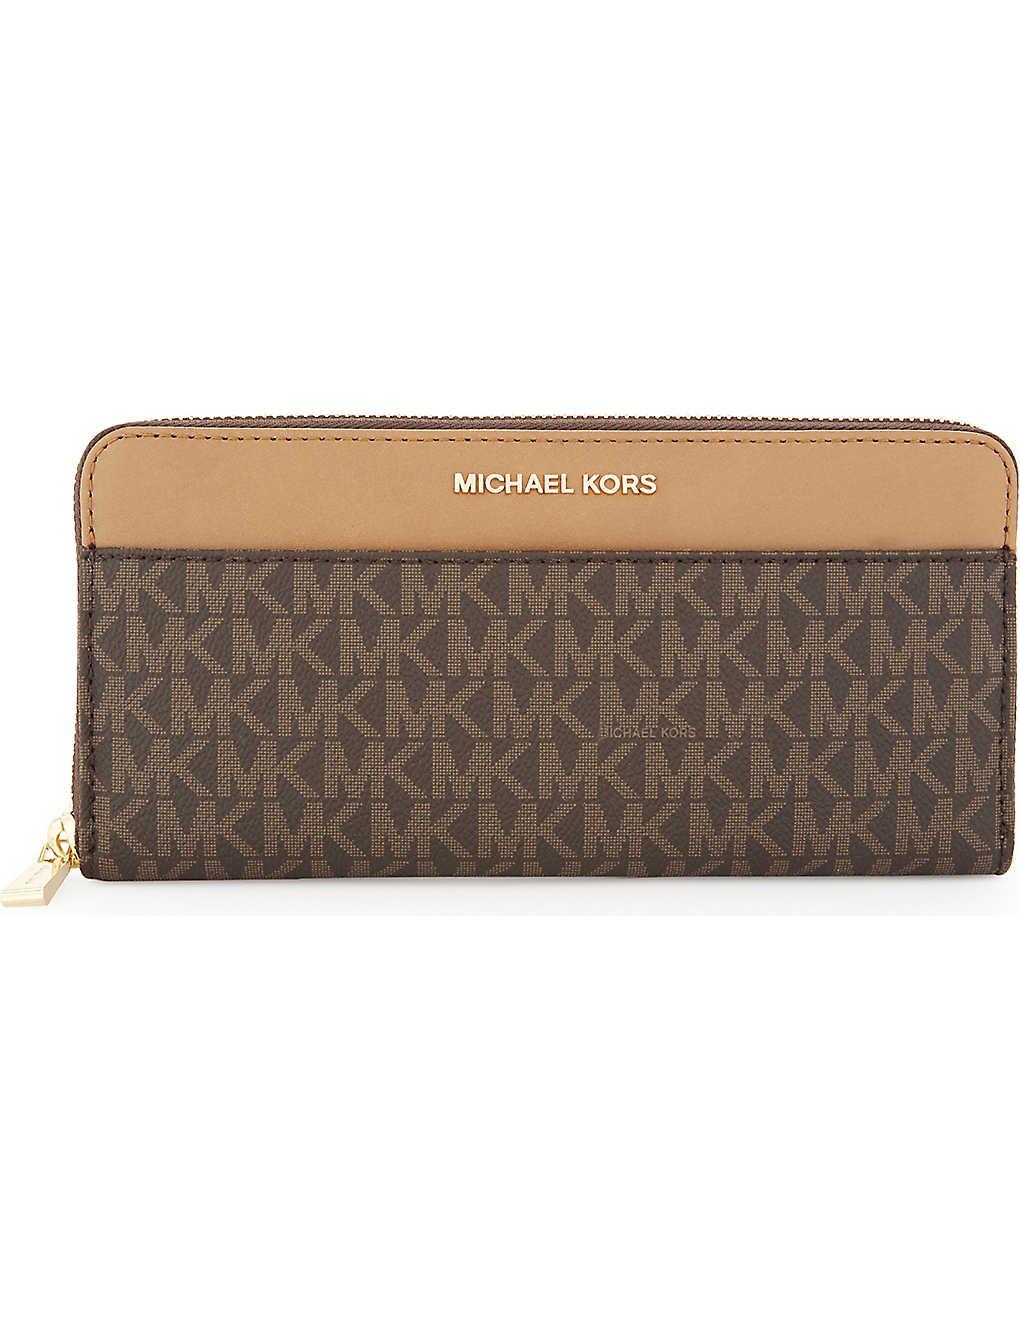 MICHAEL MICHAEL KORS - Money Pieces leather continental wallet ... 61c3030fc0